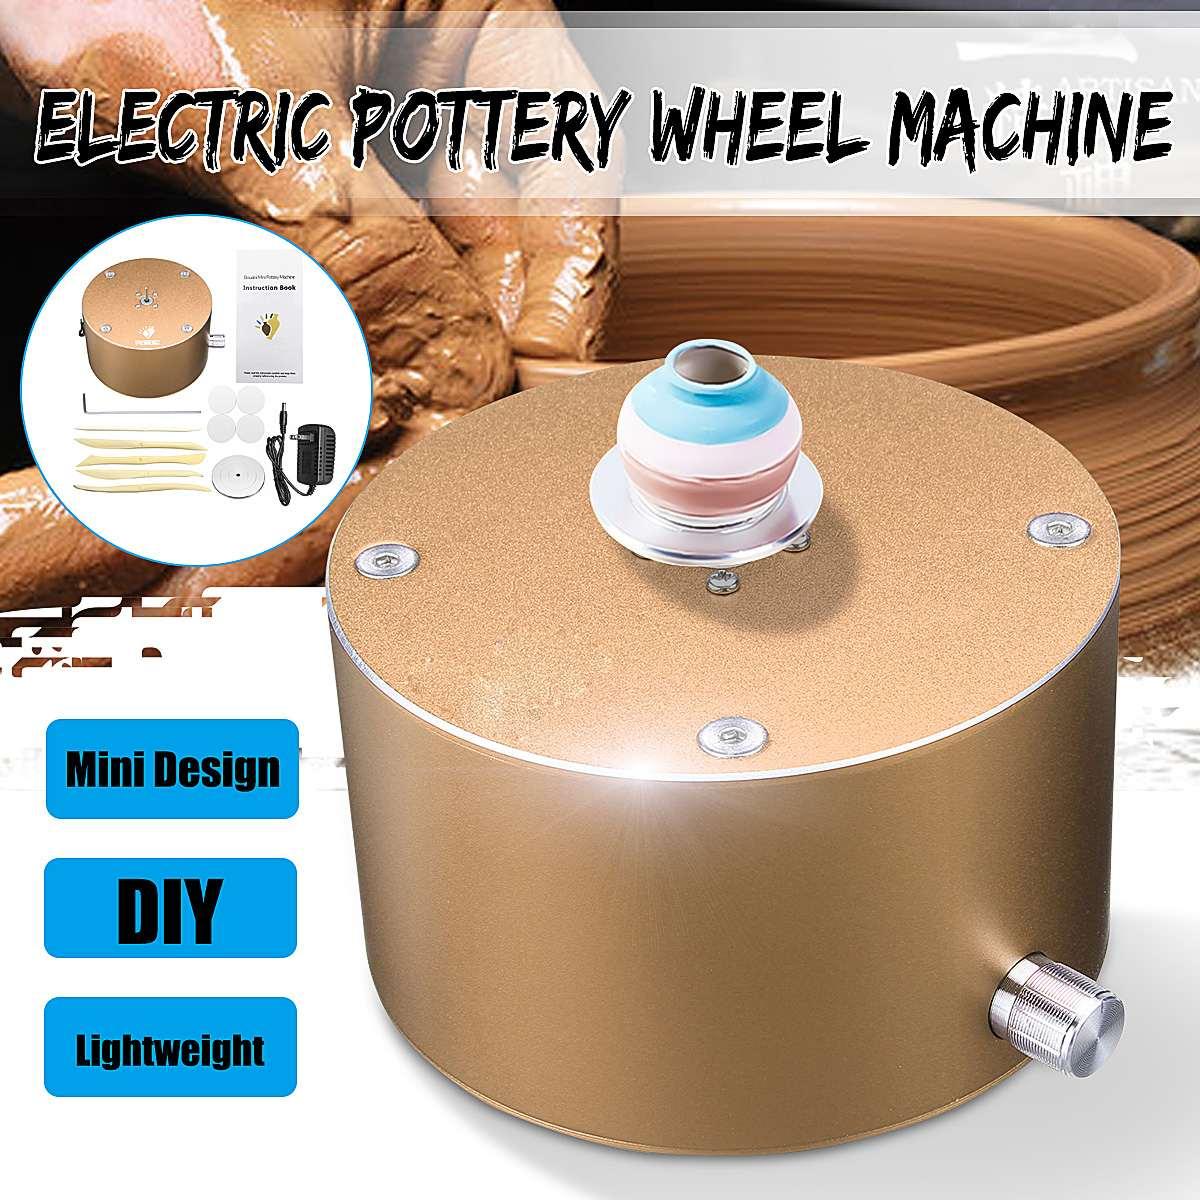 Tournant la Machine en céramique de roue de poterie électrique 12 V 1500 t/mn bricolage la poterie en céramique d'argile faisant la trousse d'outils avec la plaque tournante - 2